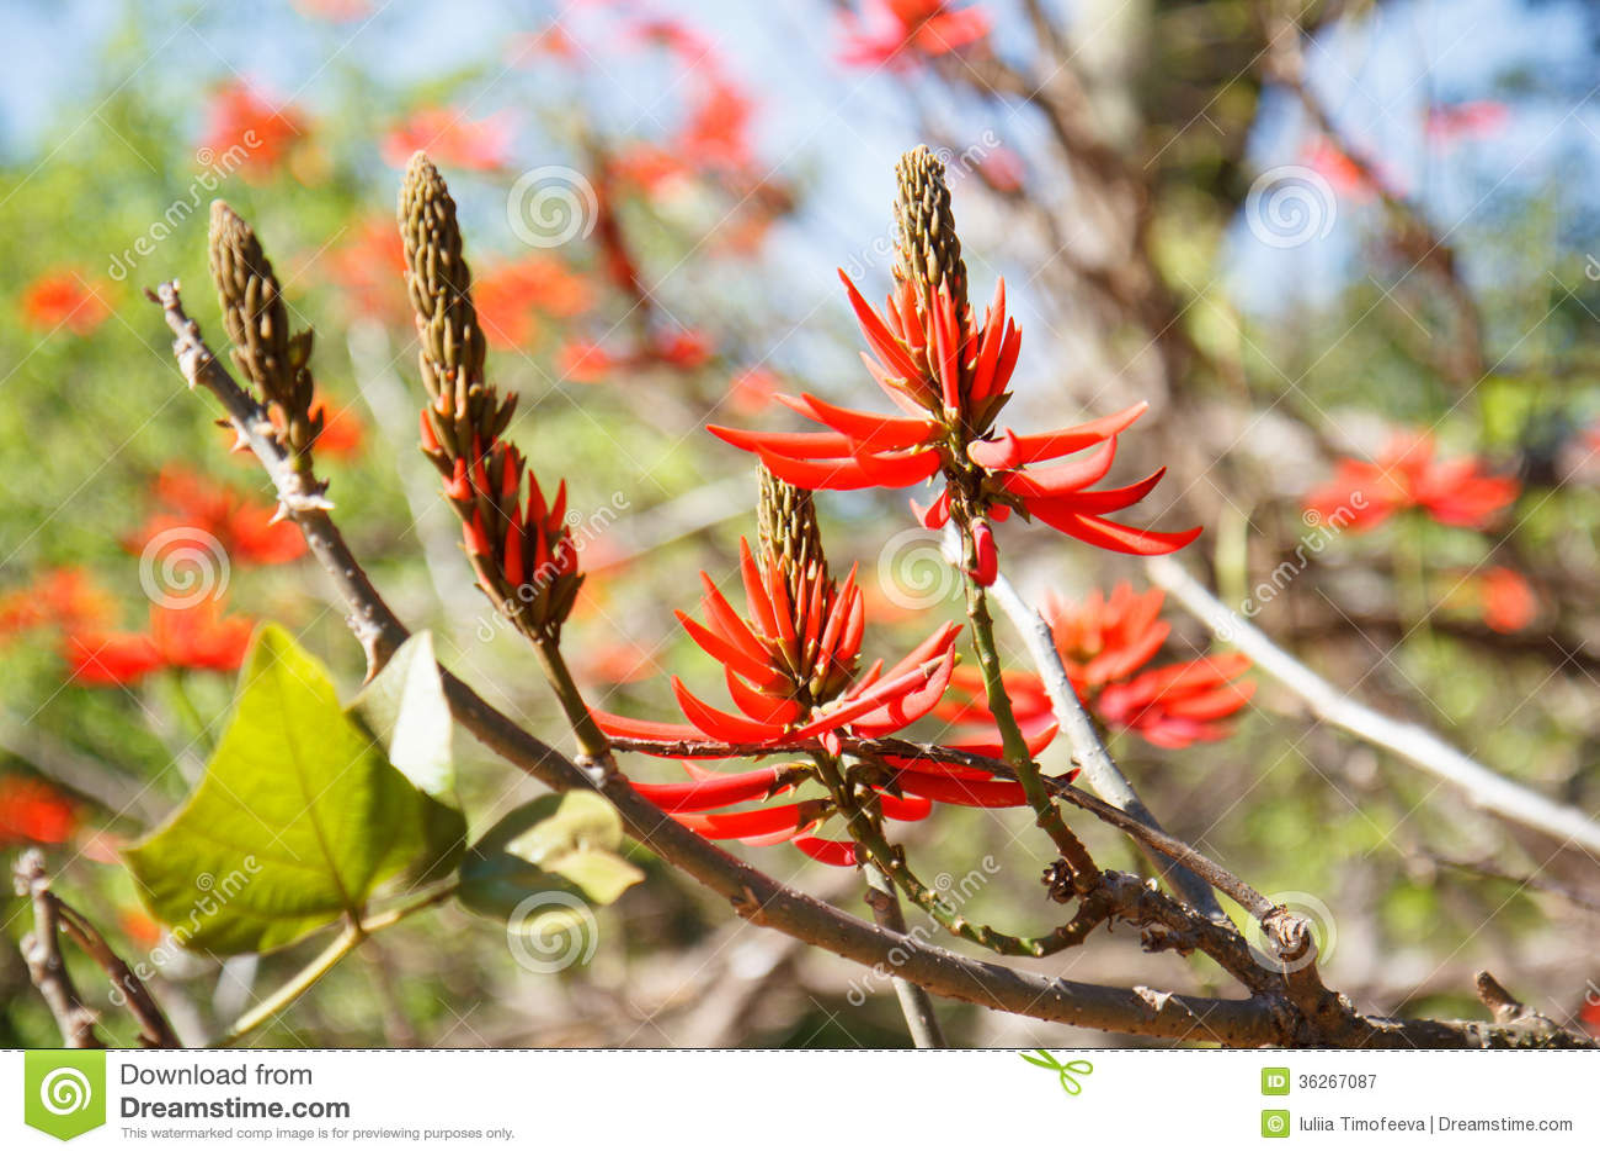 Albero con i fiori rossi erythrina albero di corallo for Albero con fiori blu